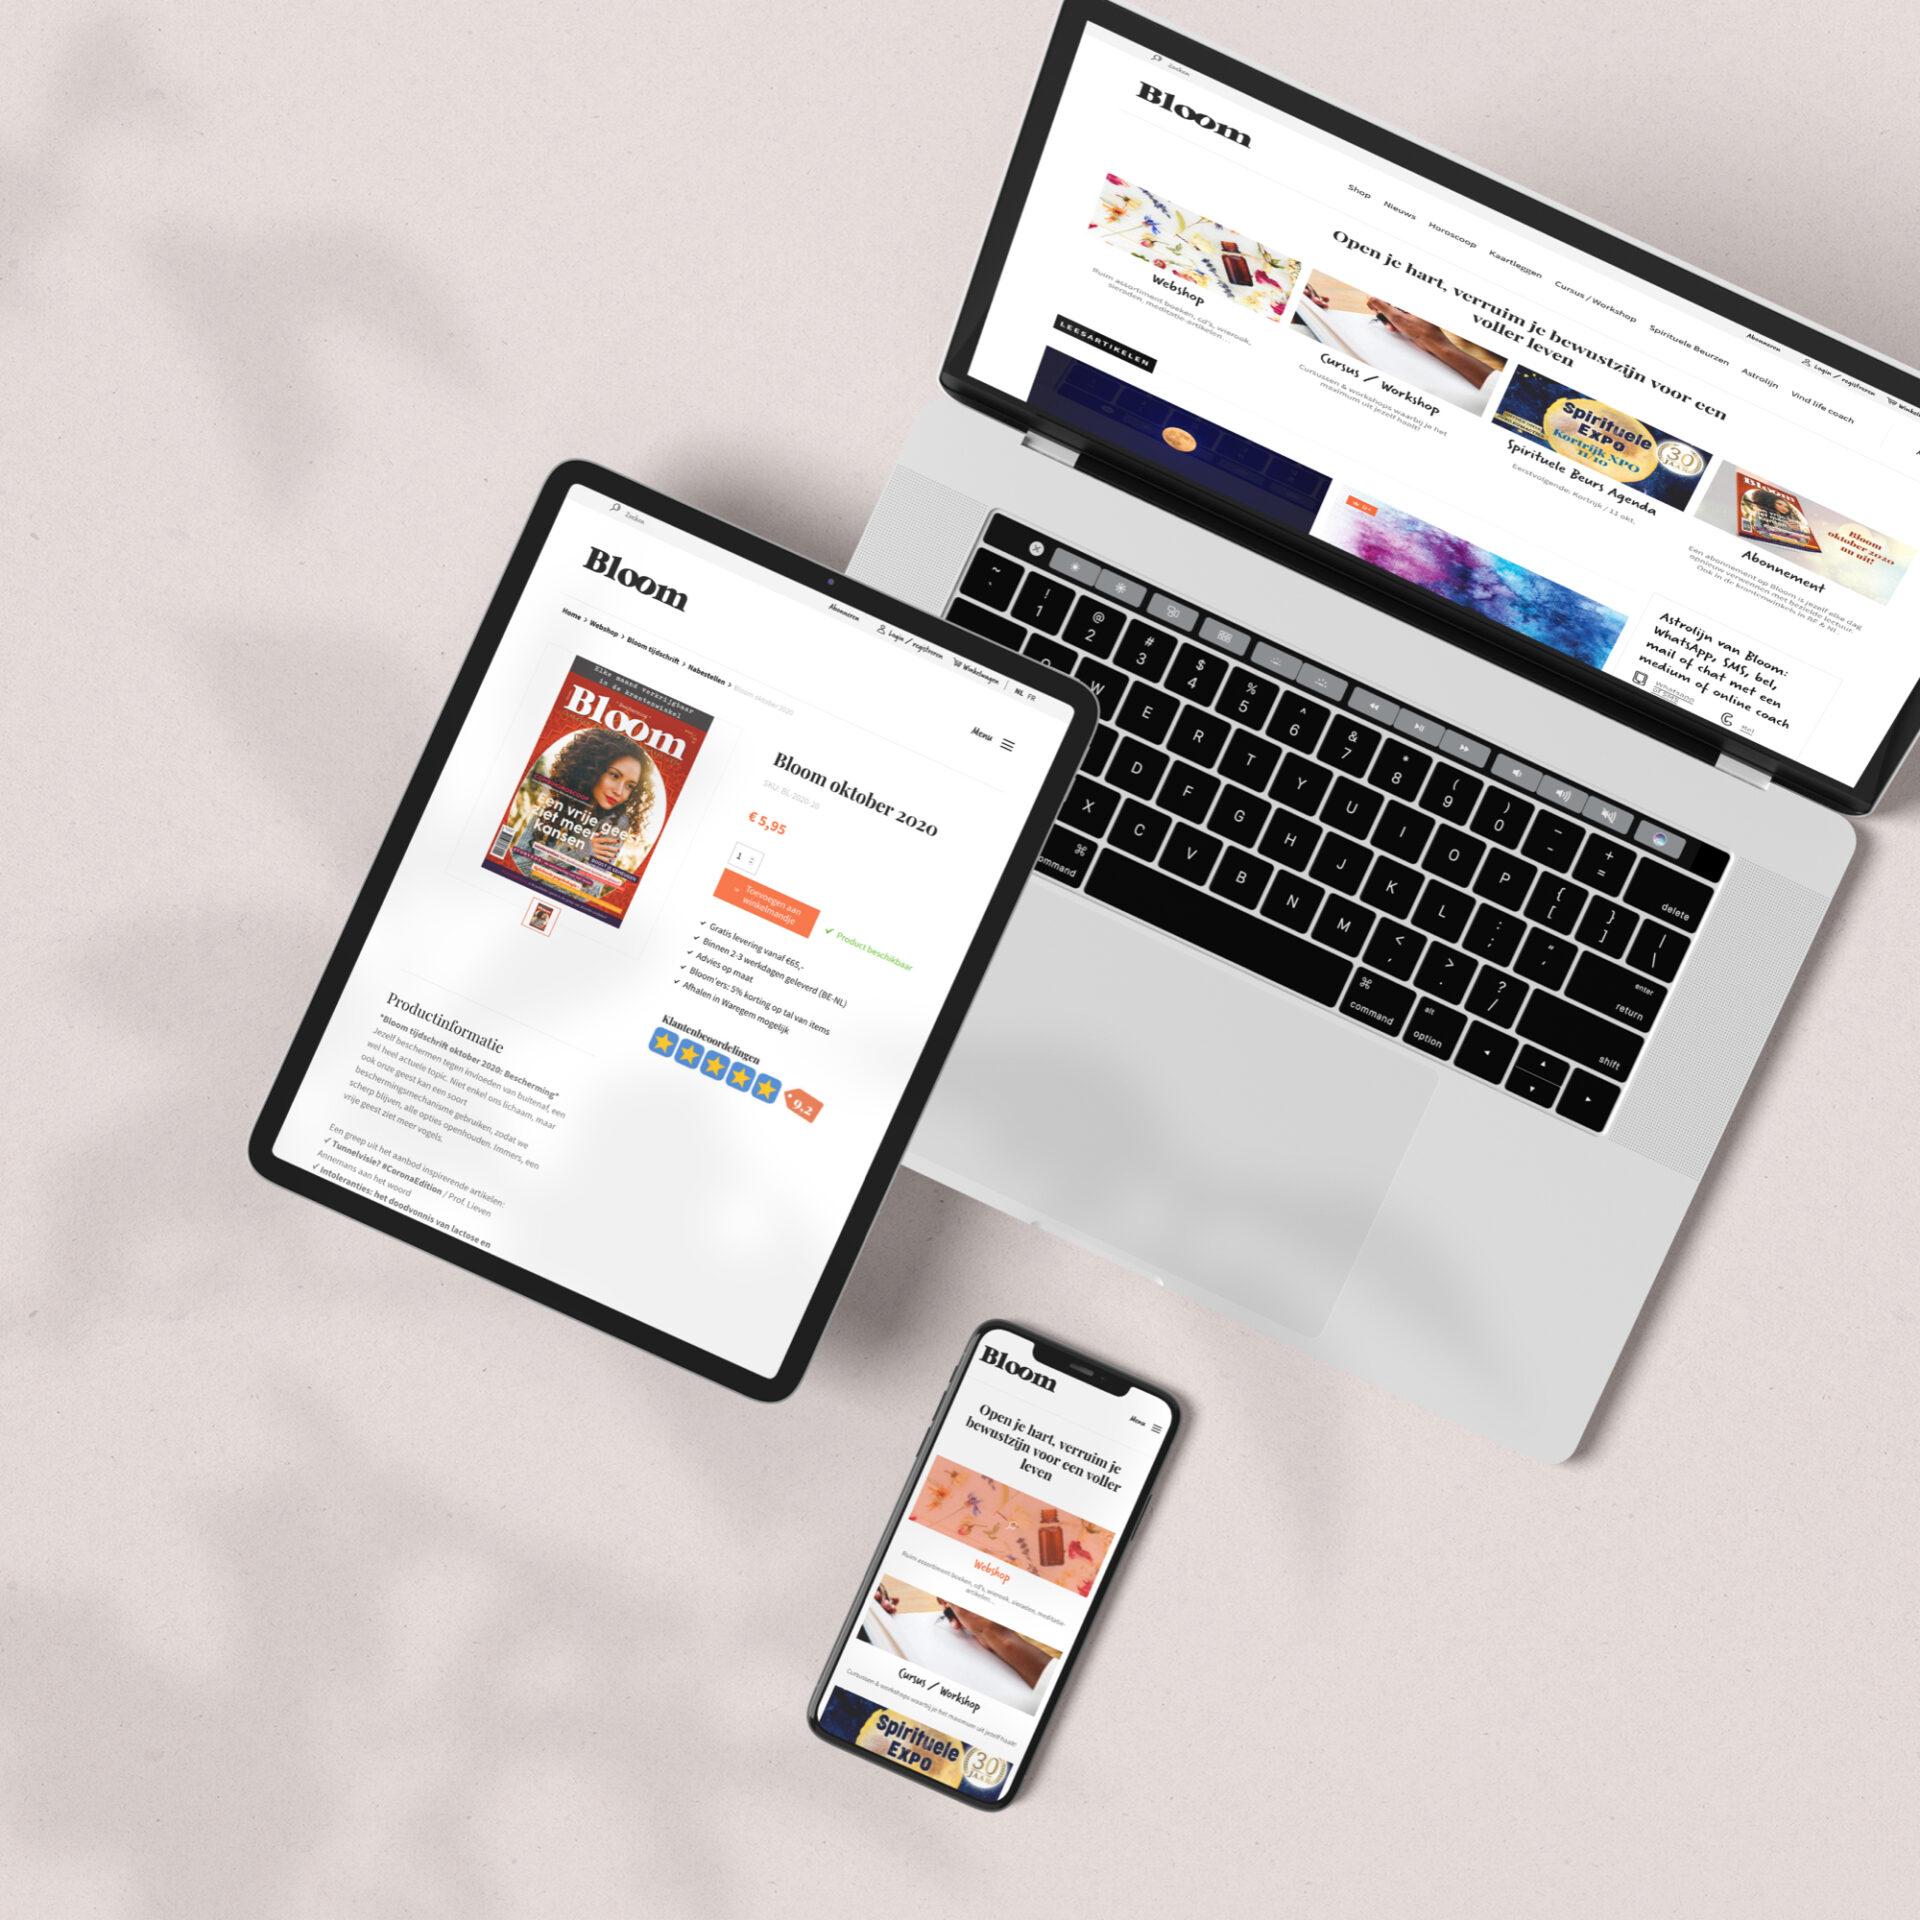 Dasmedia website ontwikkelen bloom headerbeeld